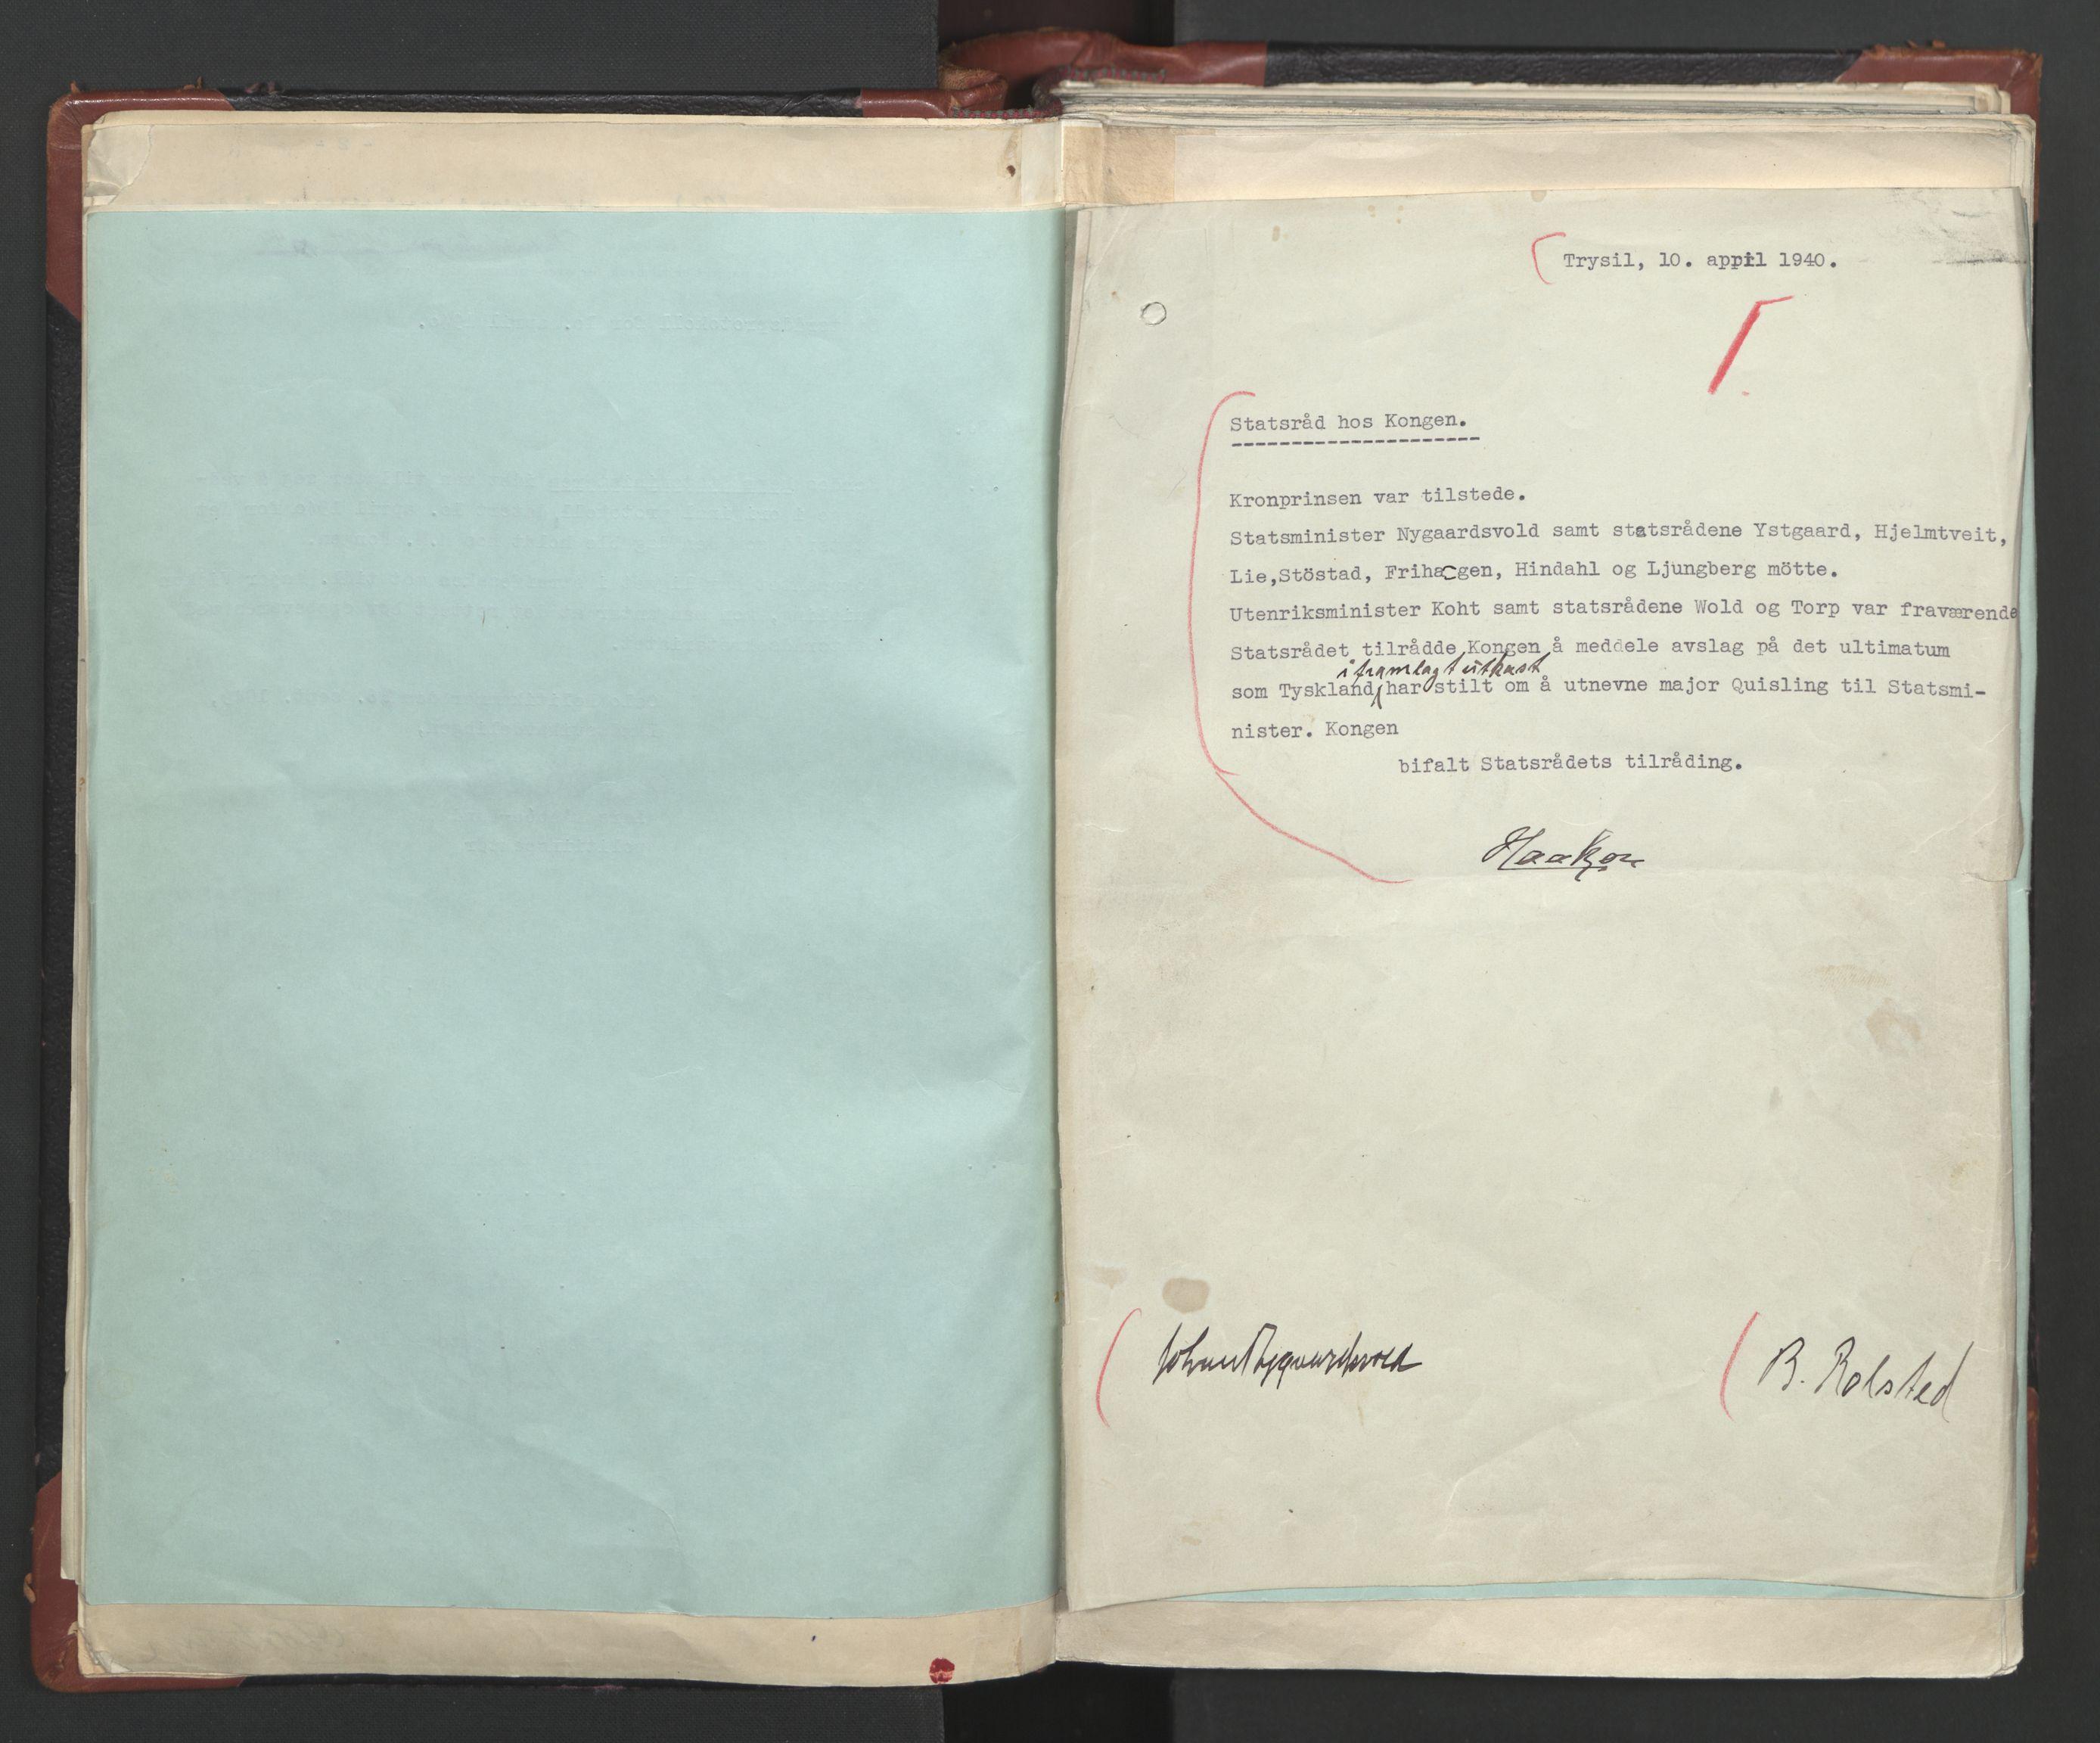 RA, Statsrådssekretariatet, A/Ac/L0122: Kgl. res. (9/4) 17/4 1940 -18/12 1942, 1940-1942, s. 18